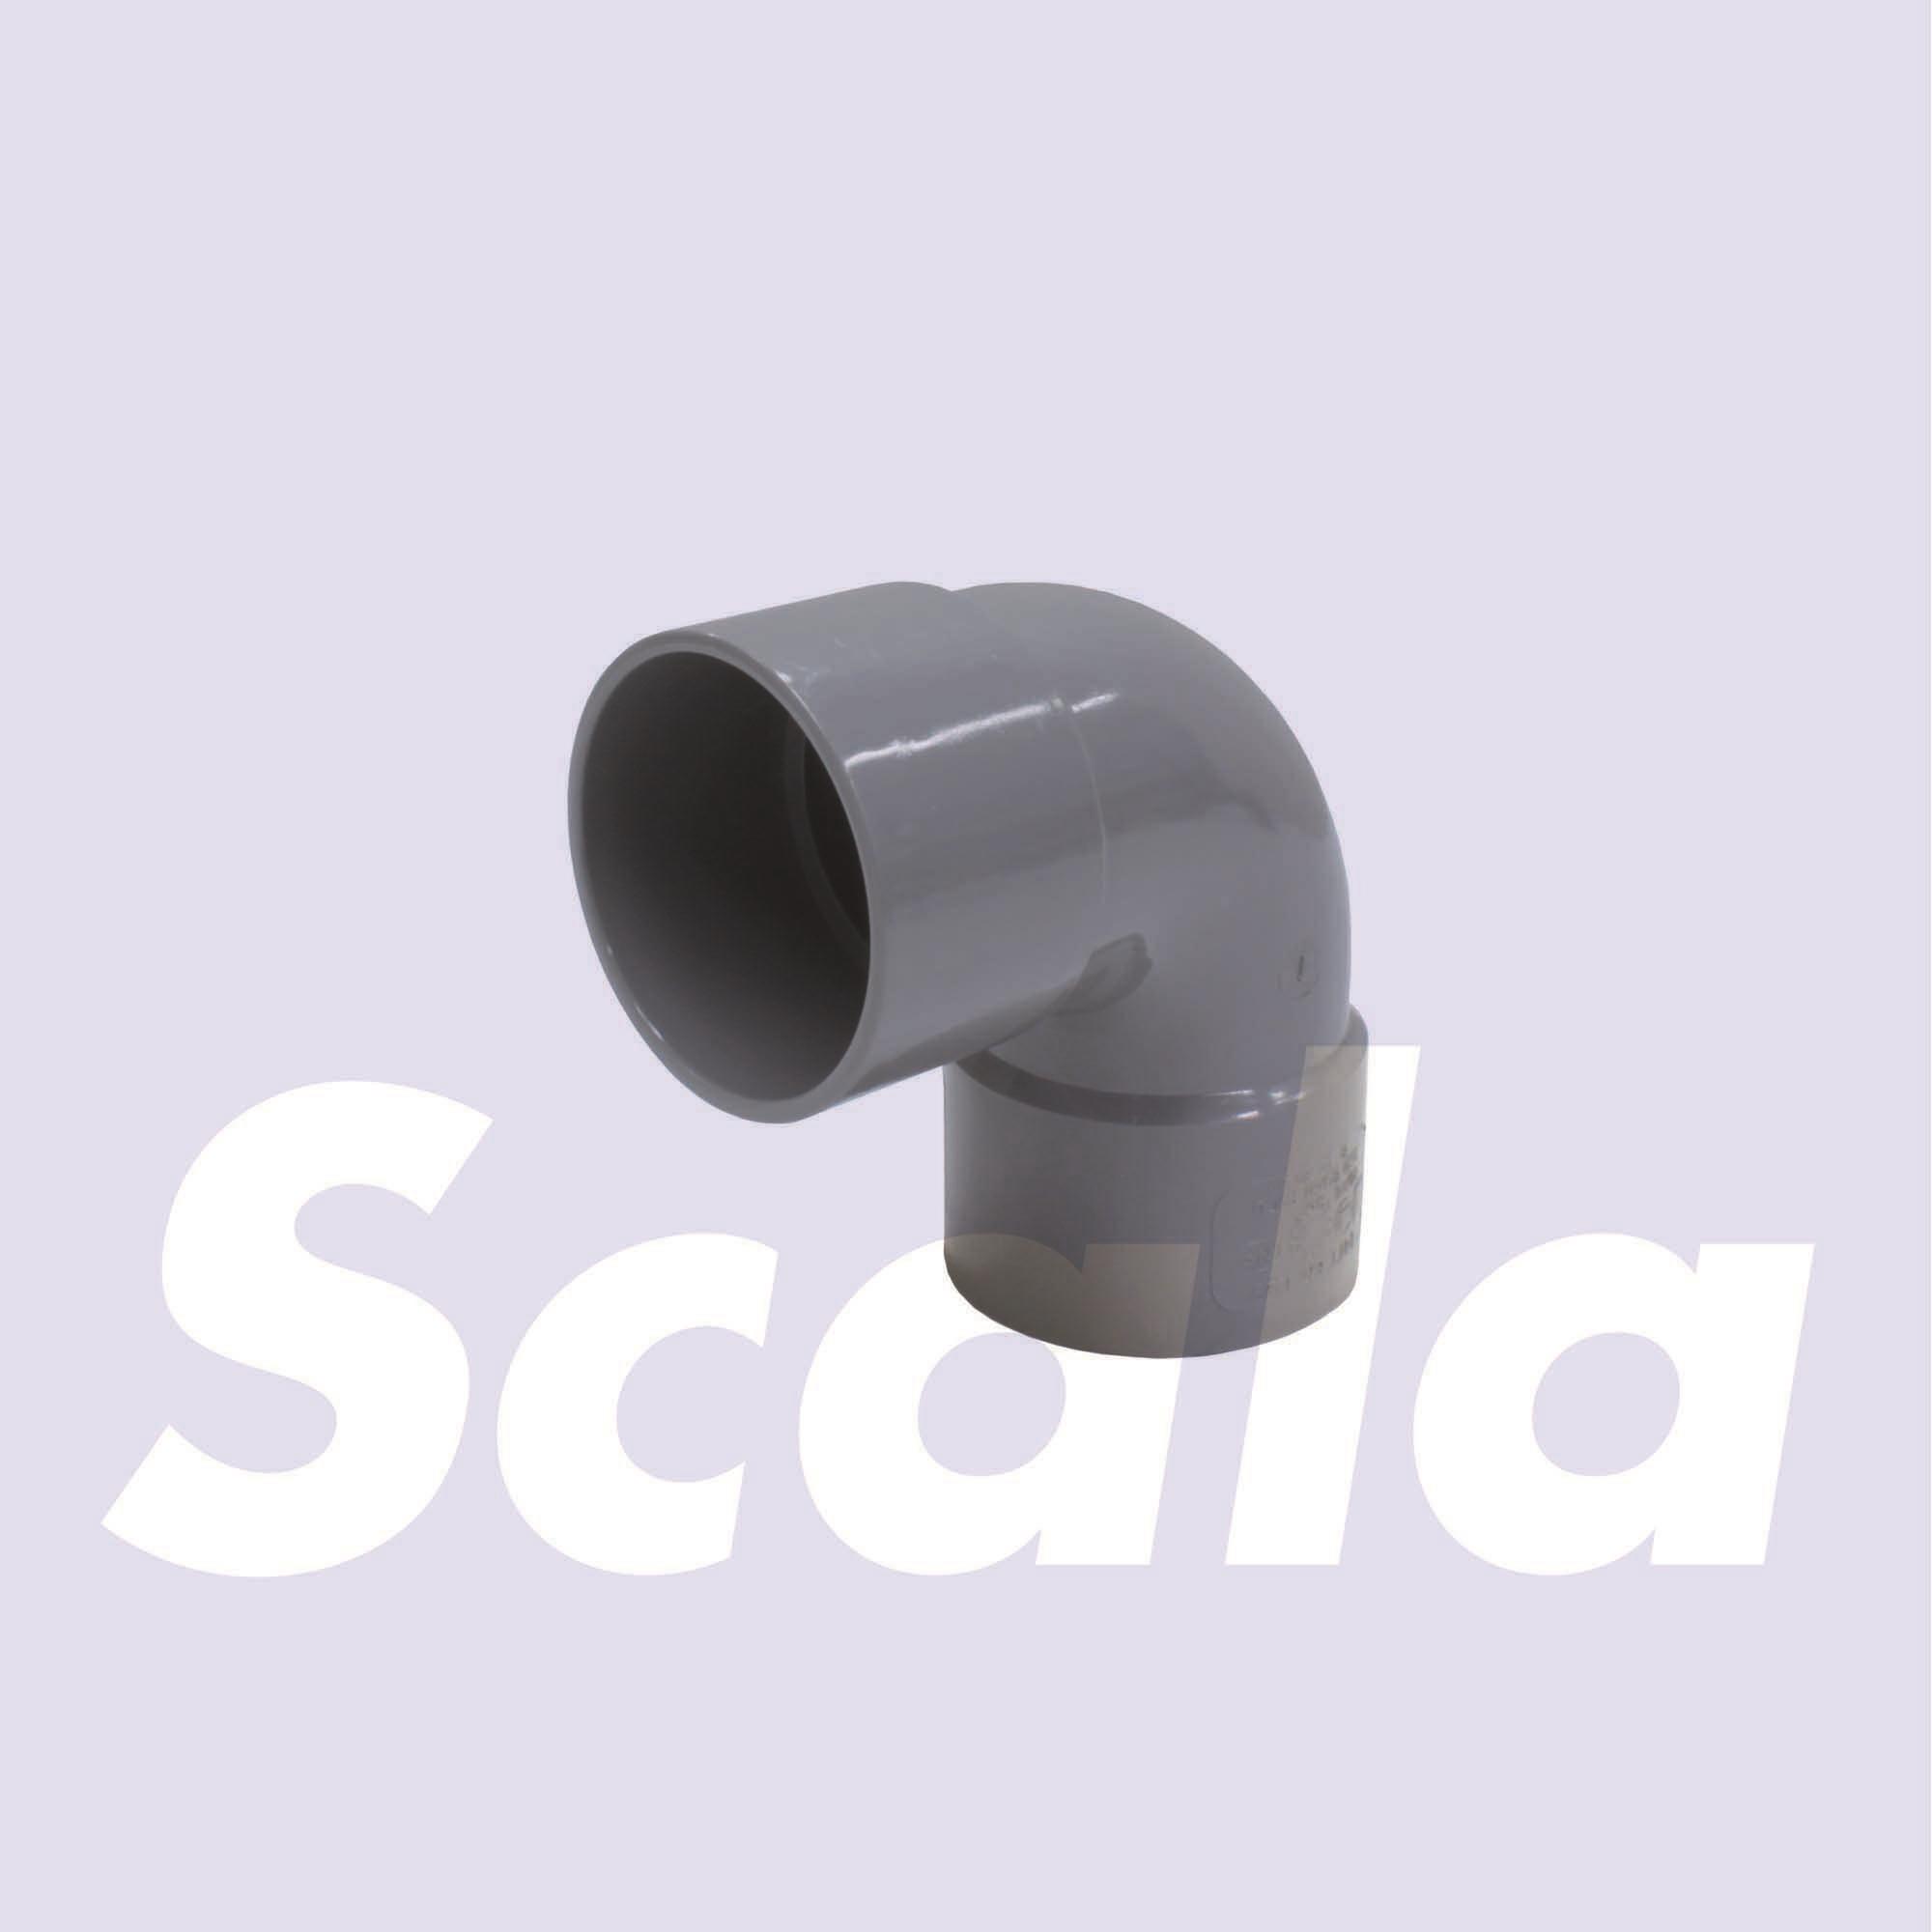 SAN. BOCHT SG DIA 50-87' F/F